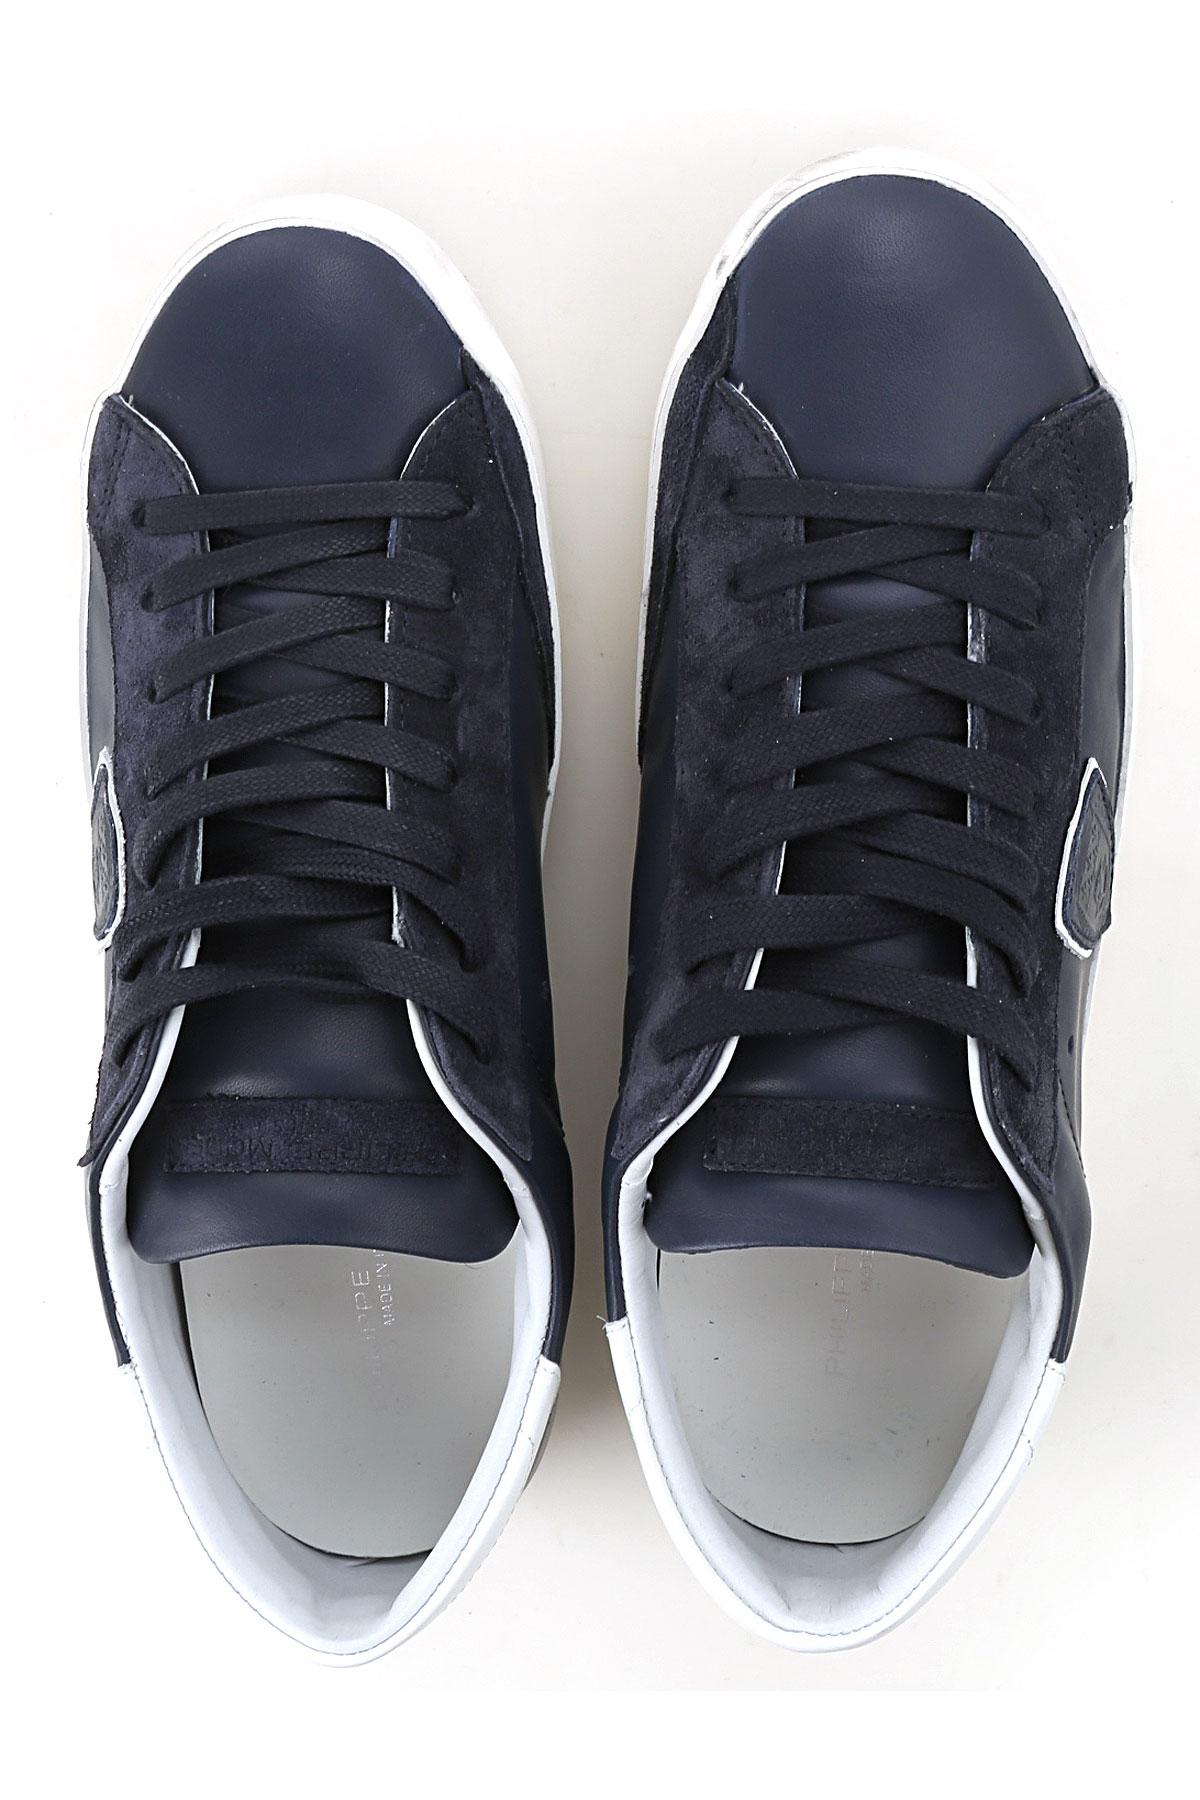 Hombres verano Model Azul Zapatos Para 2019 Primavera Philippe Blanco BvZqAtWz